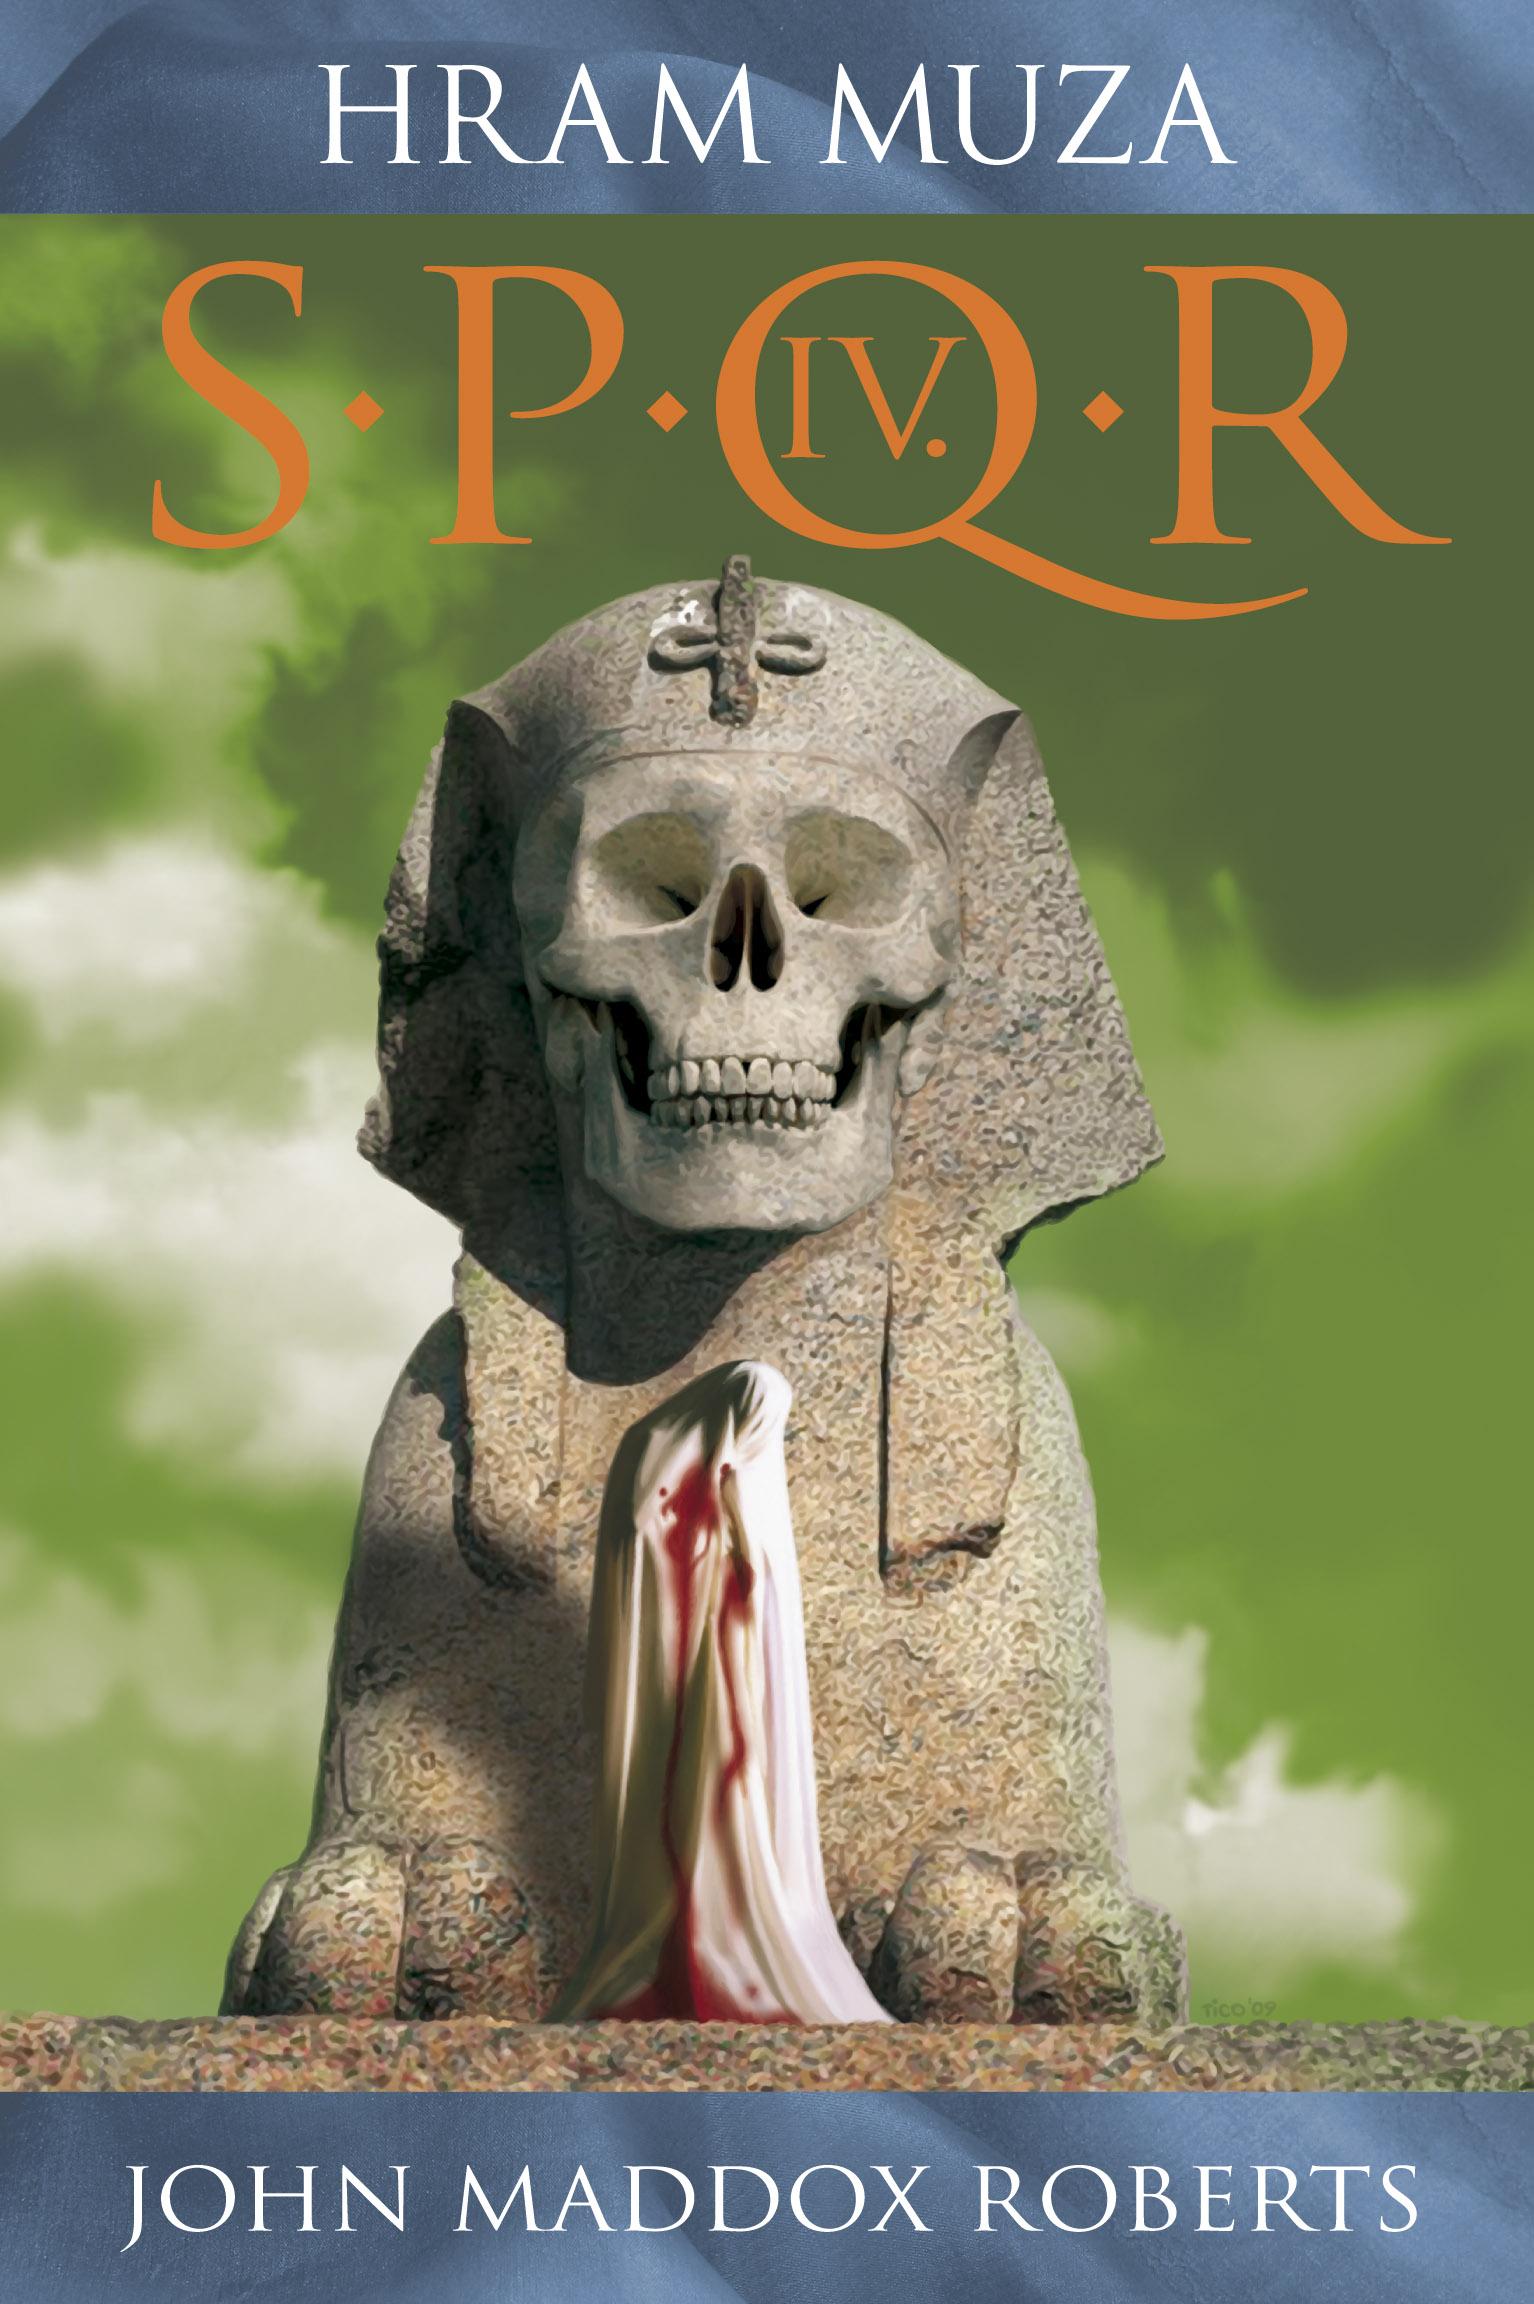 SPQR IV. - Hram muza